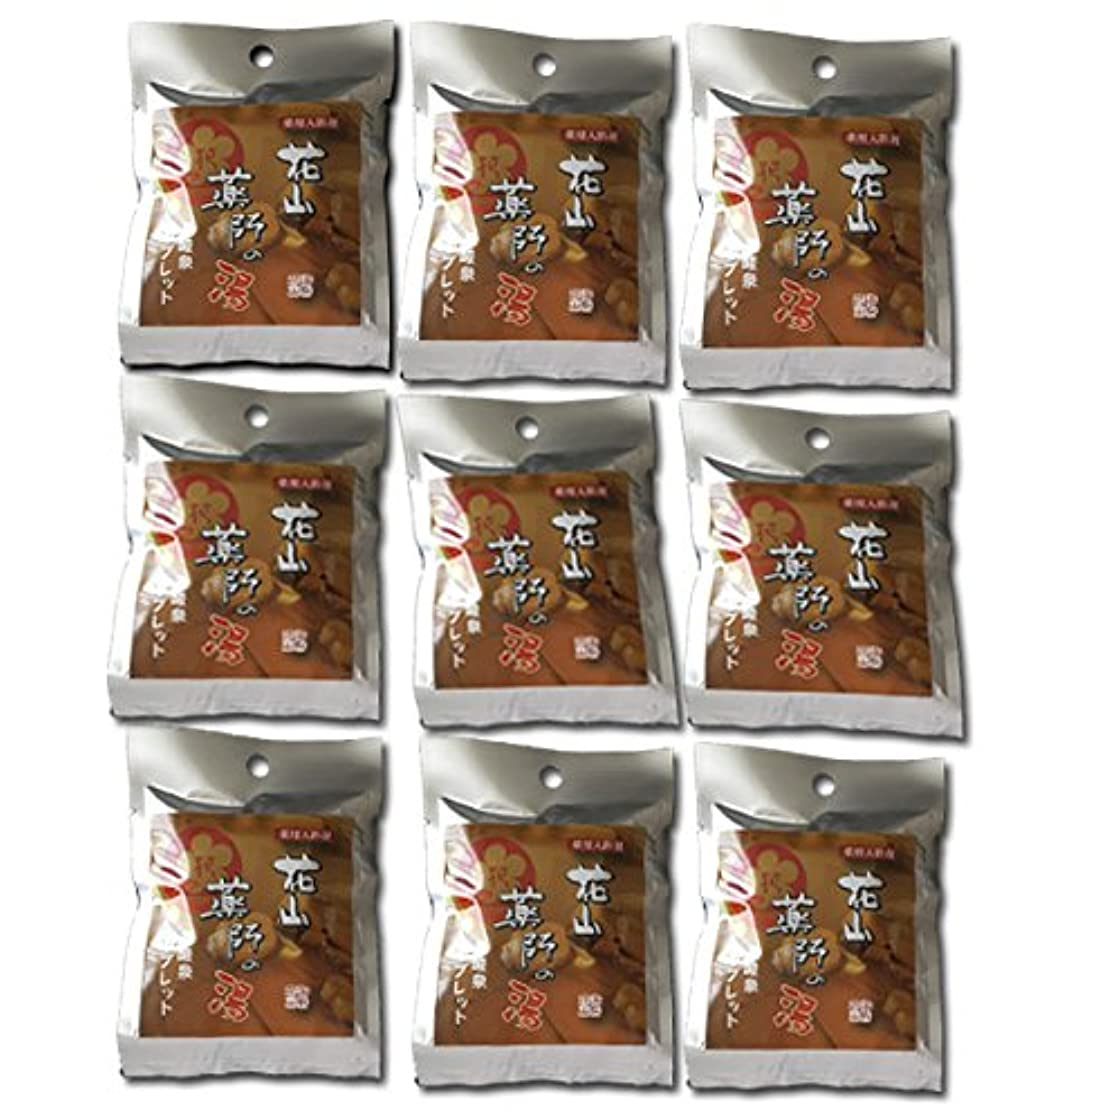 潜在的な信仰対称入浴剤 炭酸泉 和歌山 花山温泉の温泉分析値を元に配合して作られたタブレット9個 薬用